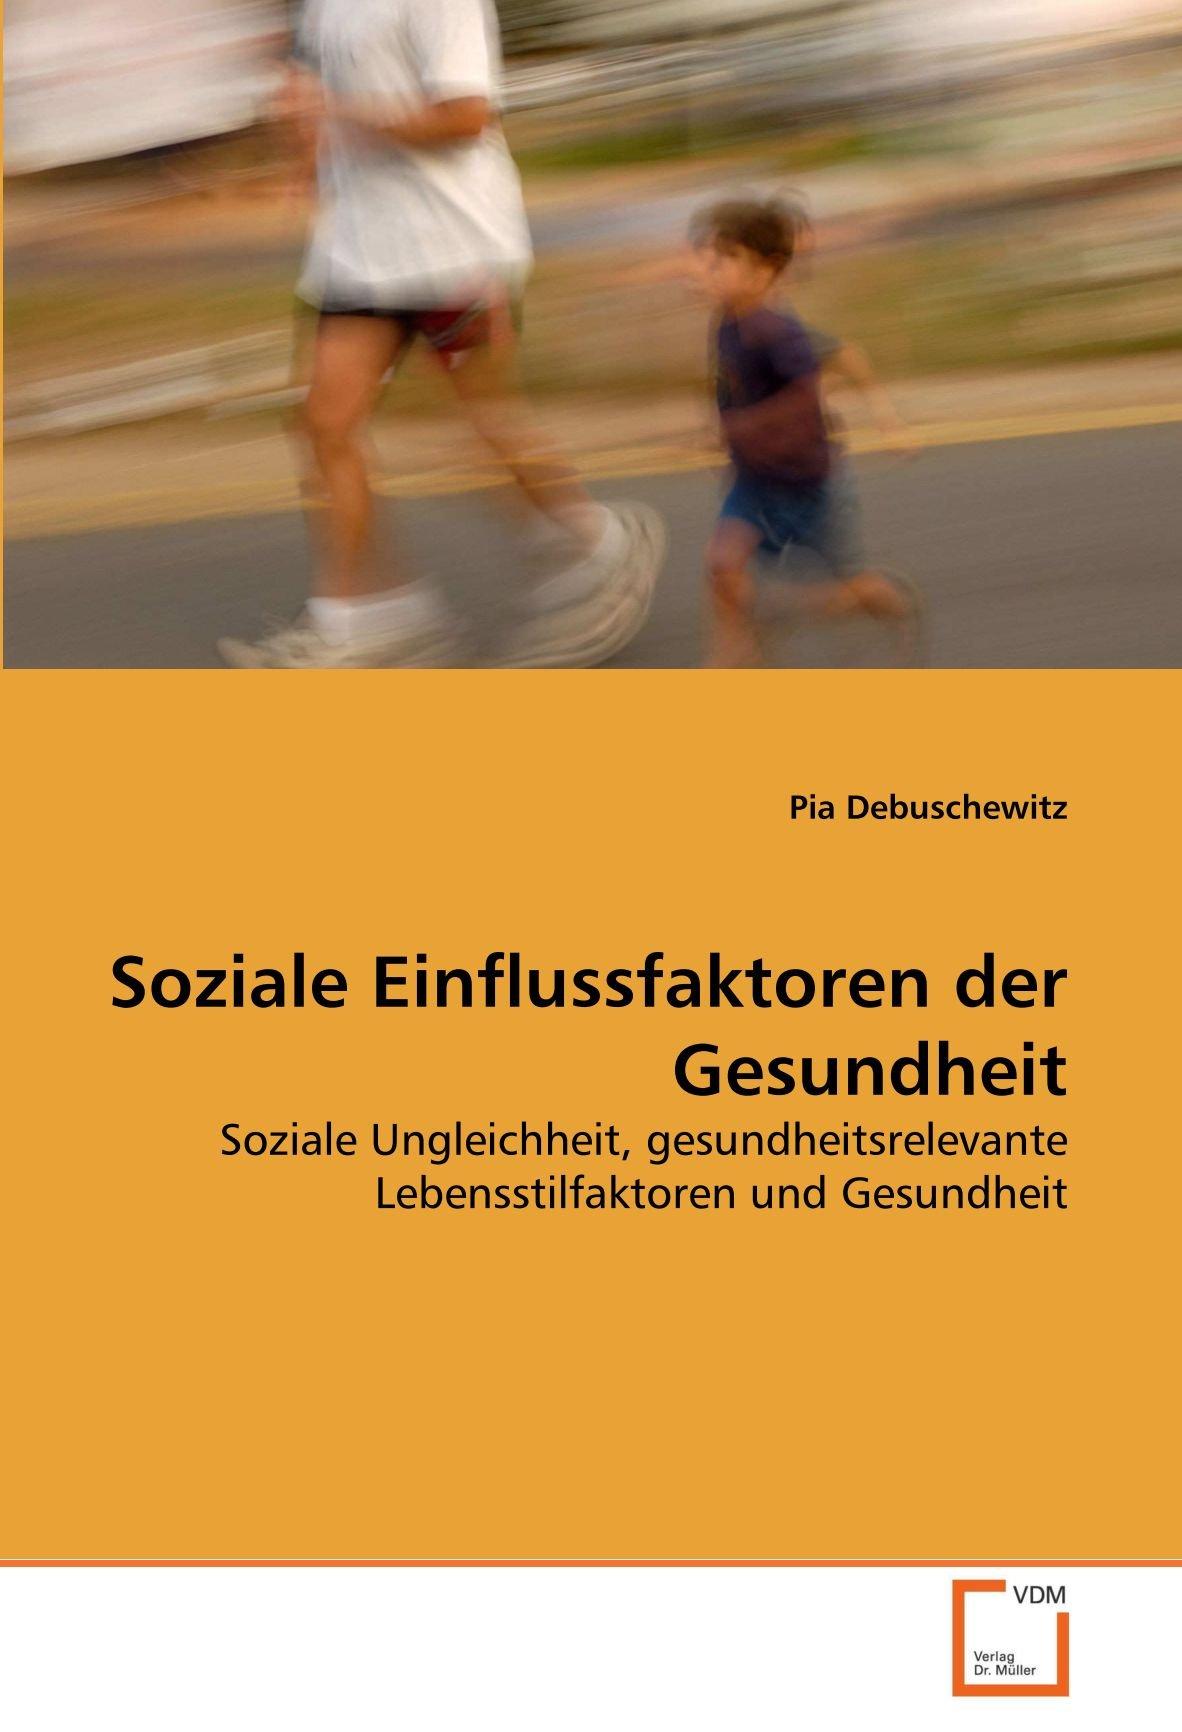 Soziales Kapital, soziale Ungleichheit und Gesundheit